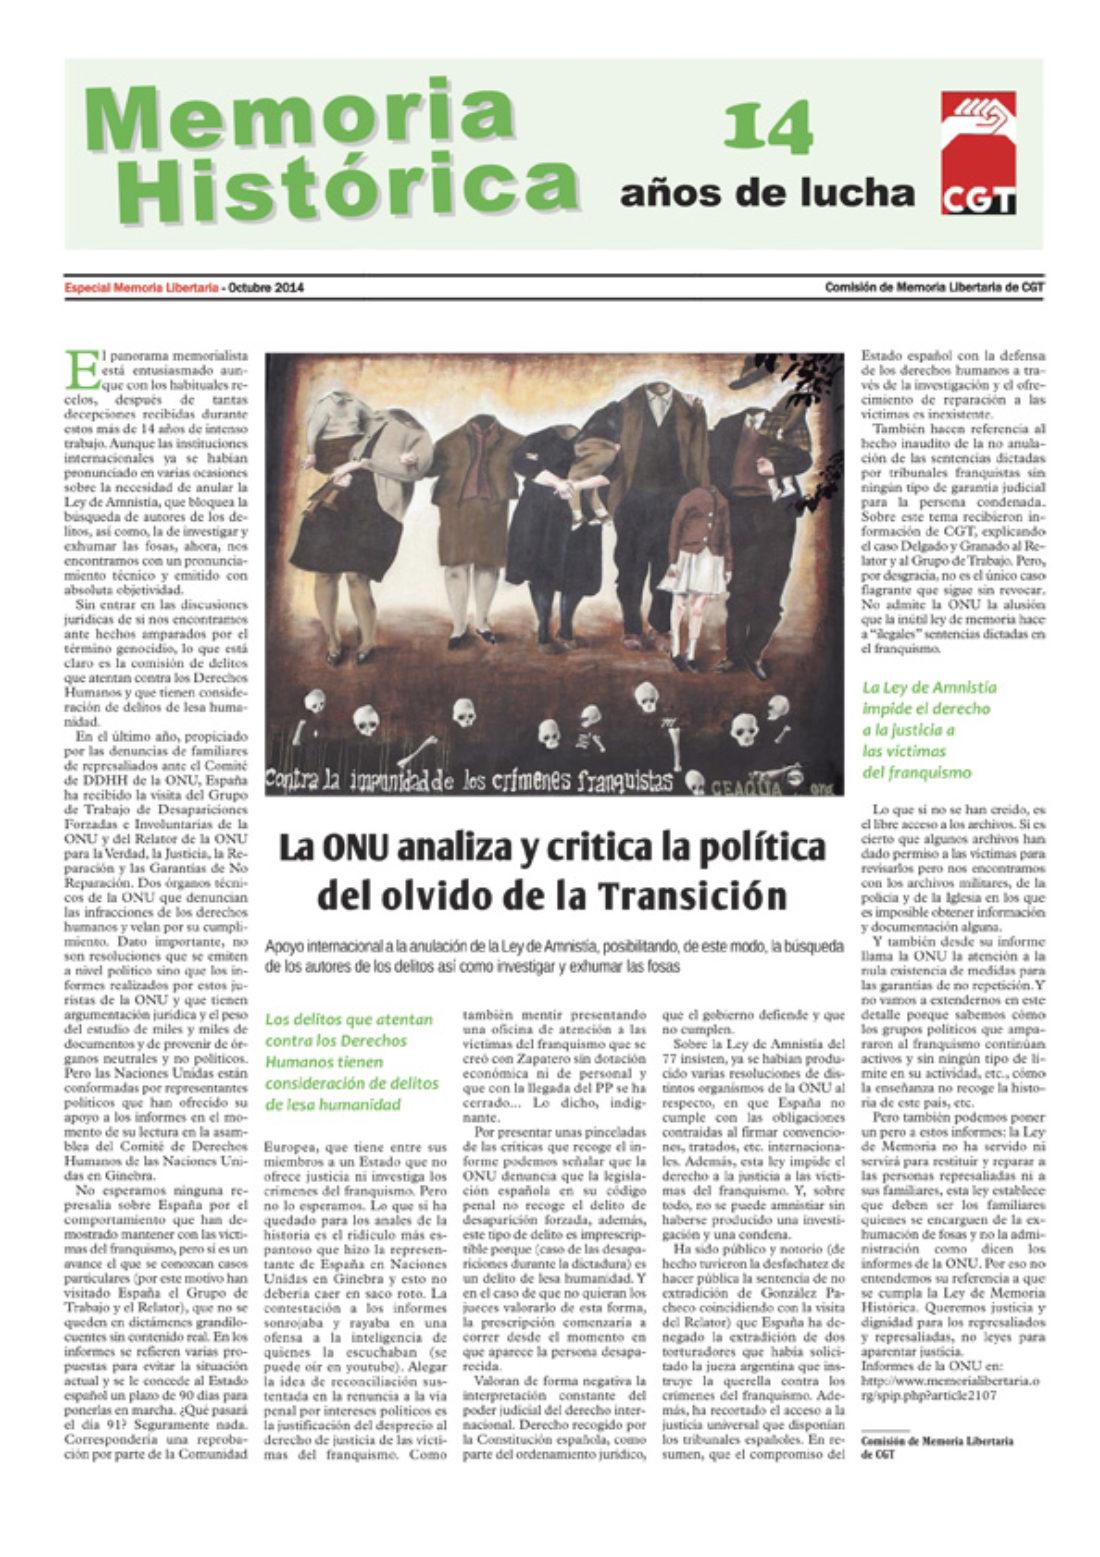 Especial «Memoria Histórica. 14 años de lucha»